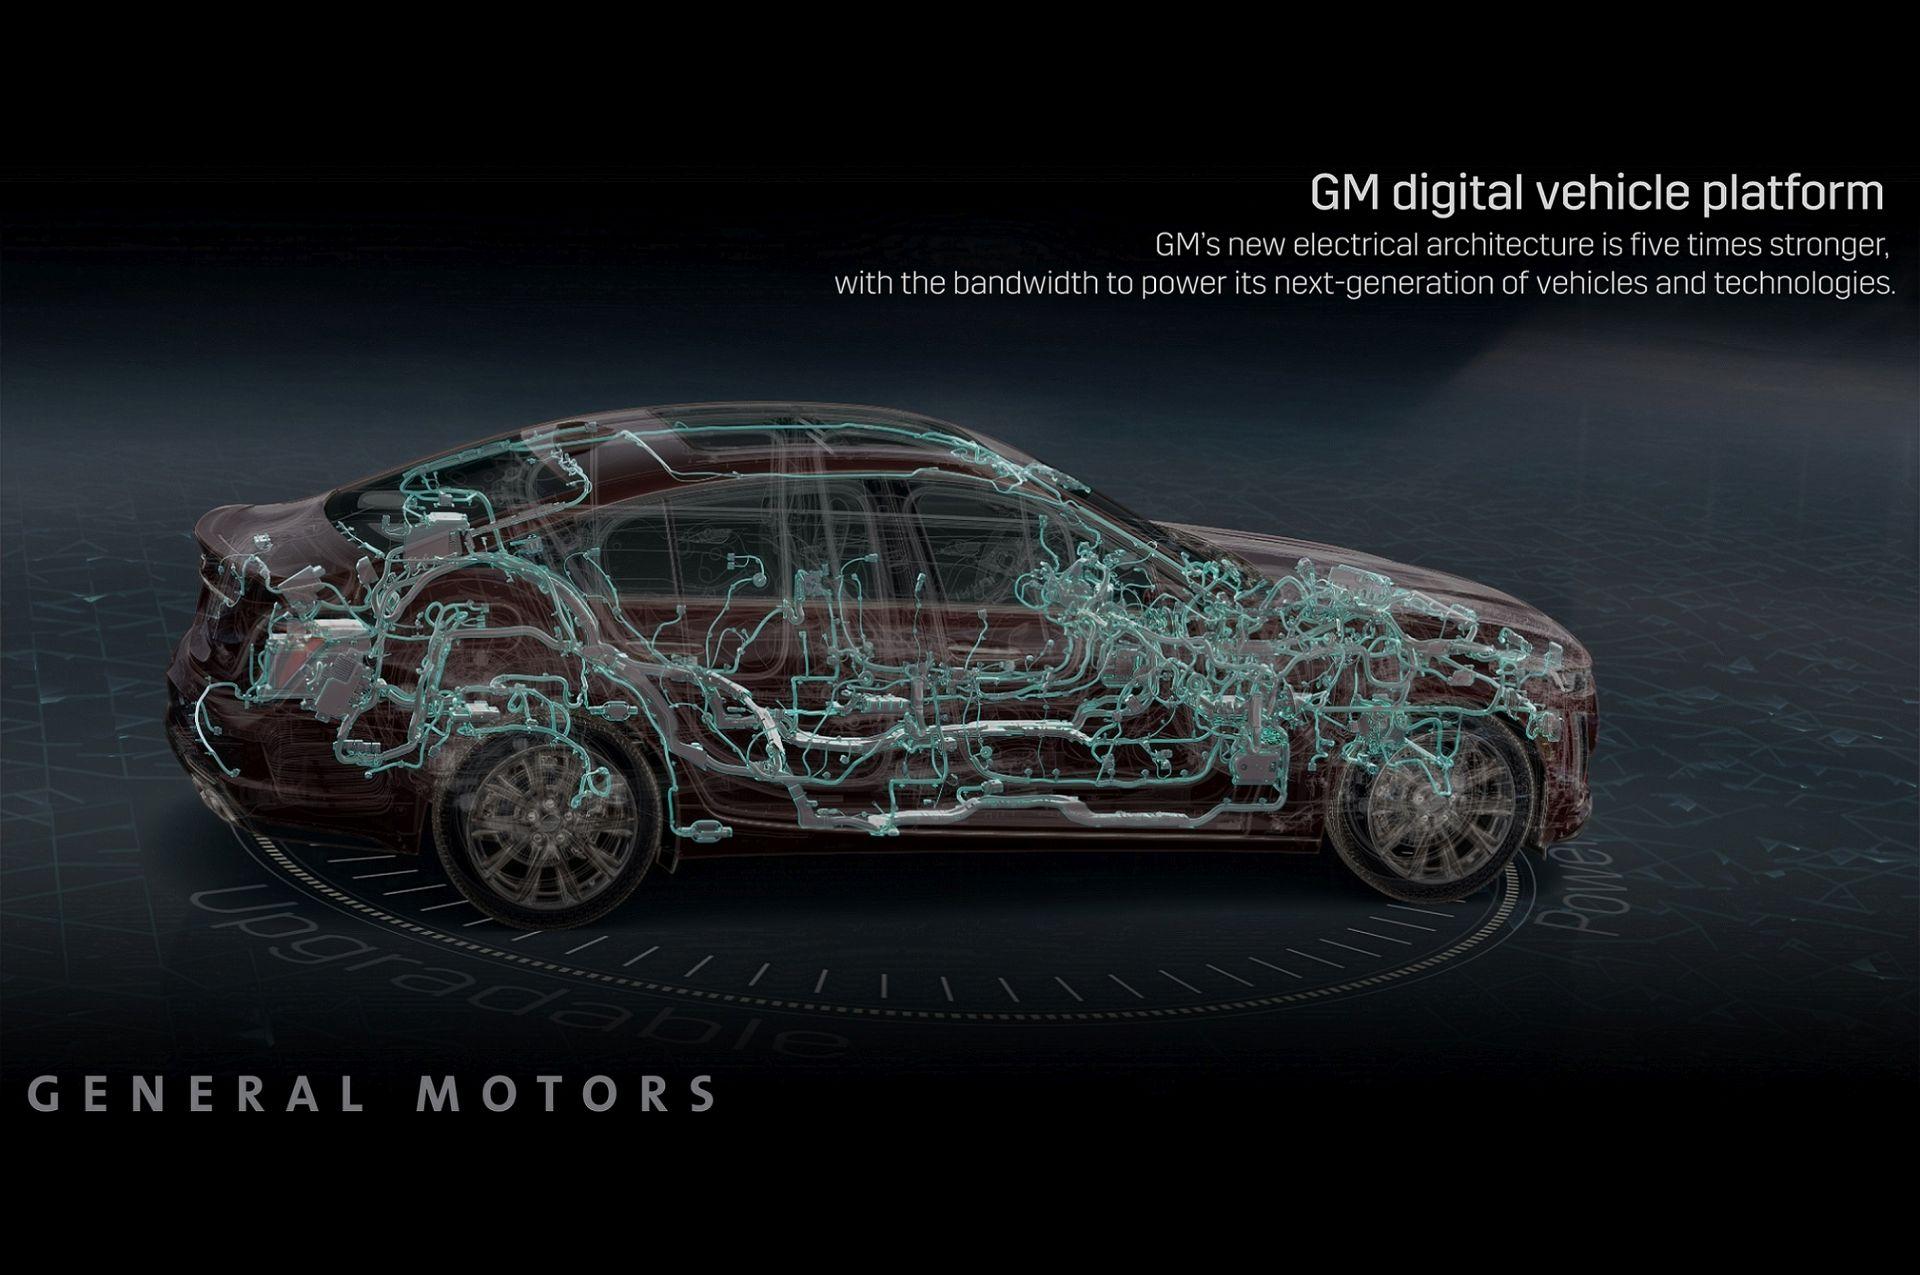 General Motors presents all-new digital vehicle platform